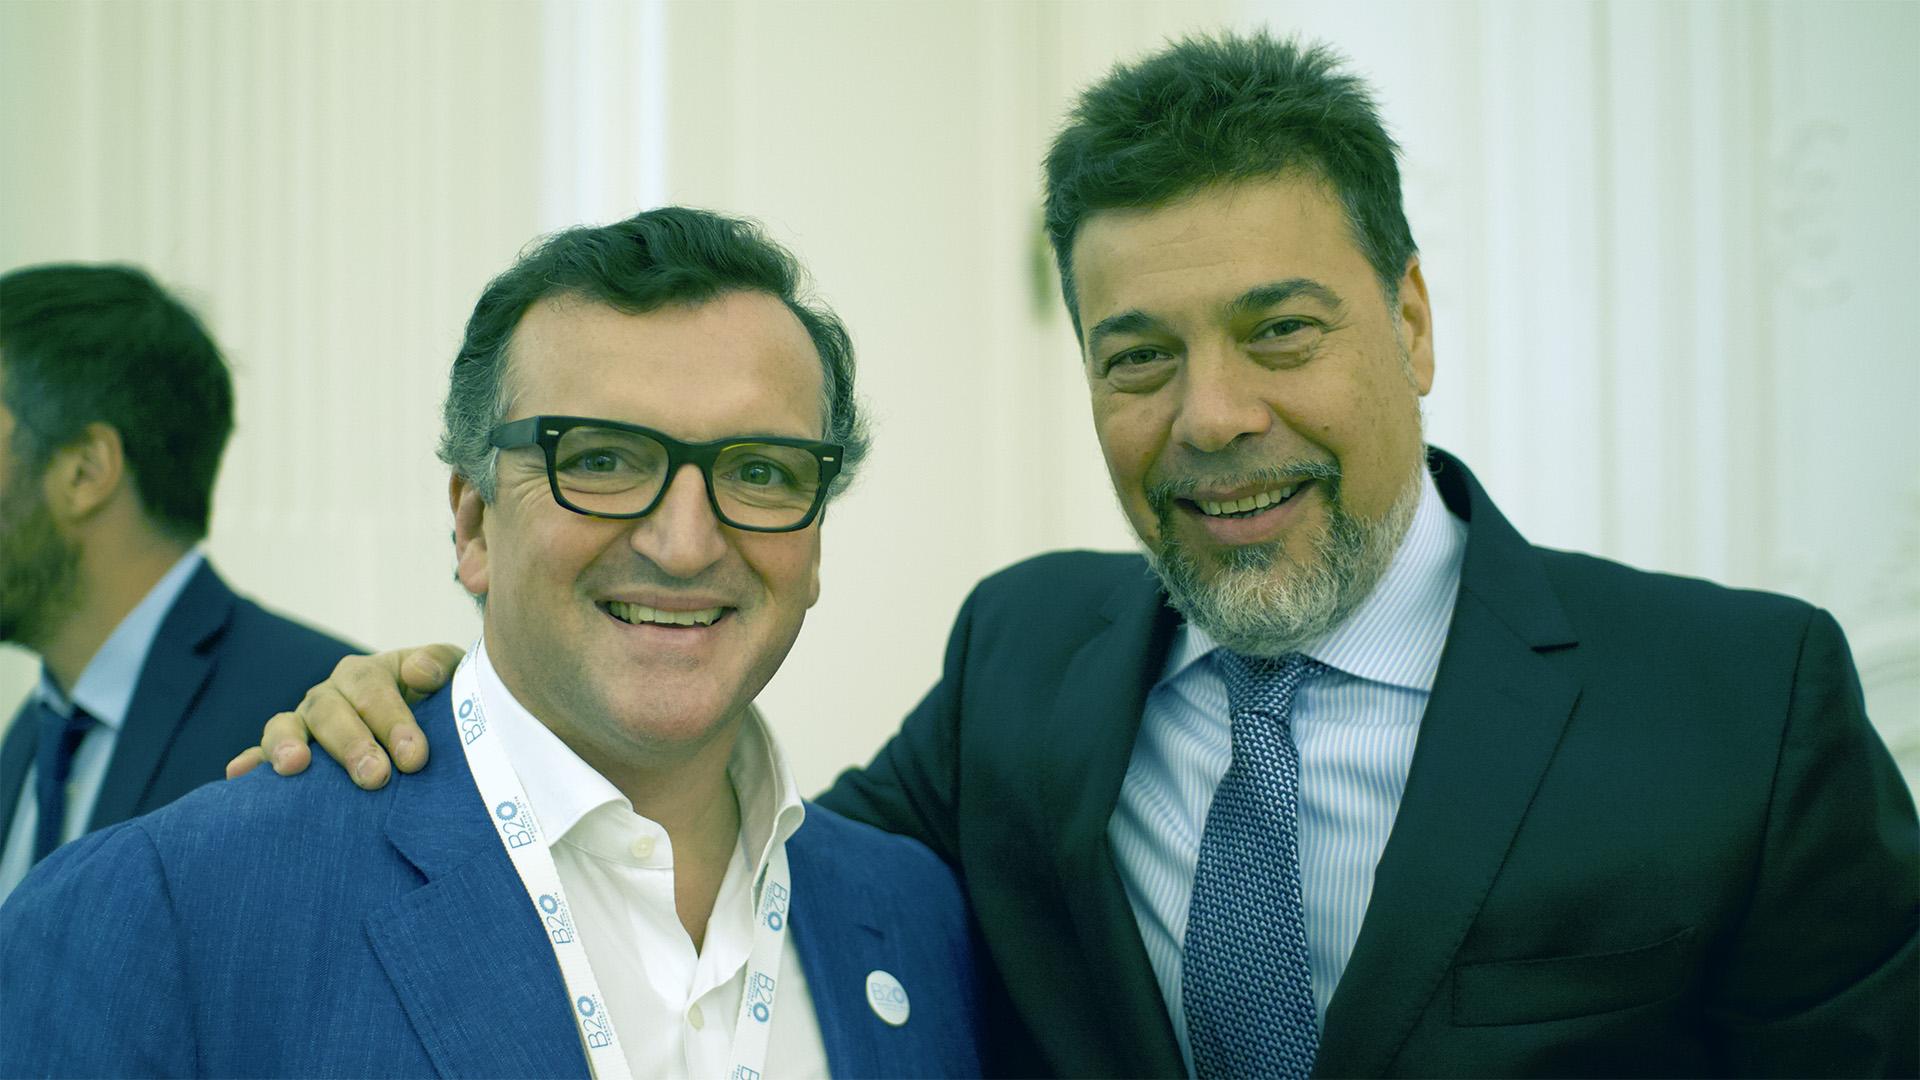 Martín Mioya, CEO de Globant y chair de Educación y Empleo, junto a Darío Werthein, de Grupo W